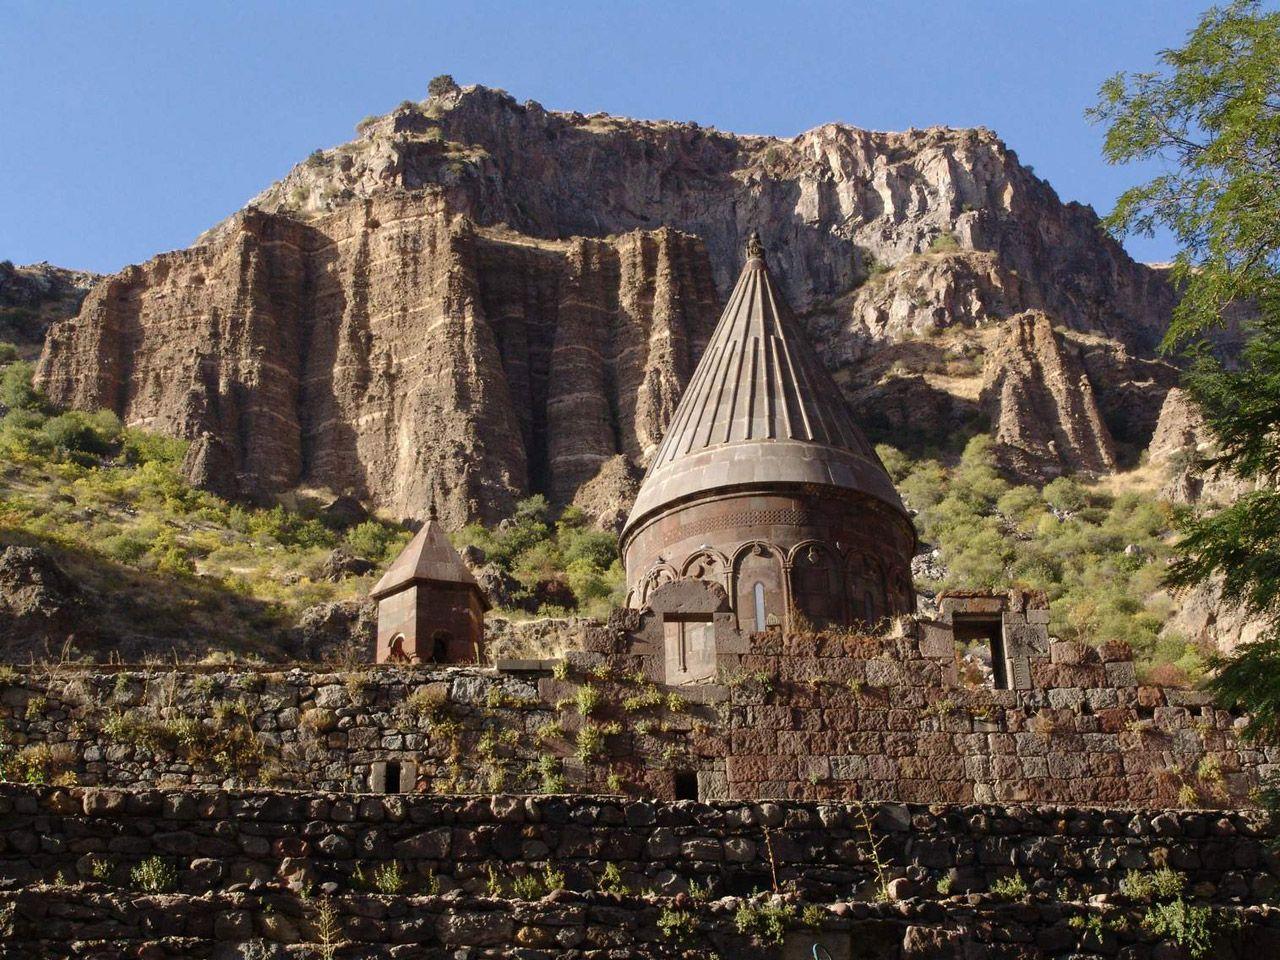 Resultados da Pesquisa de imagens do Google para http://www.autocarhire.com/images/countries/armenia_yerevan_14_5.jpg